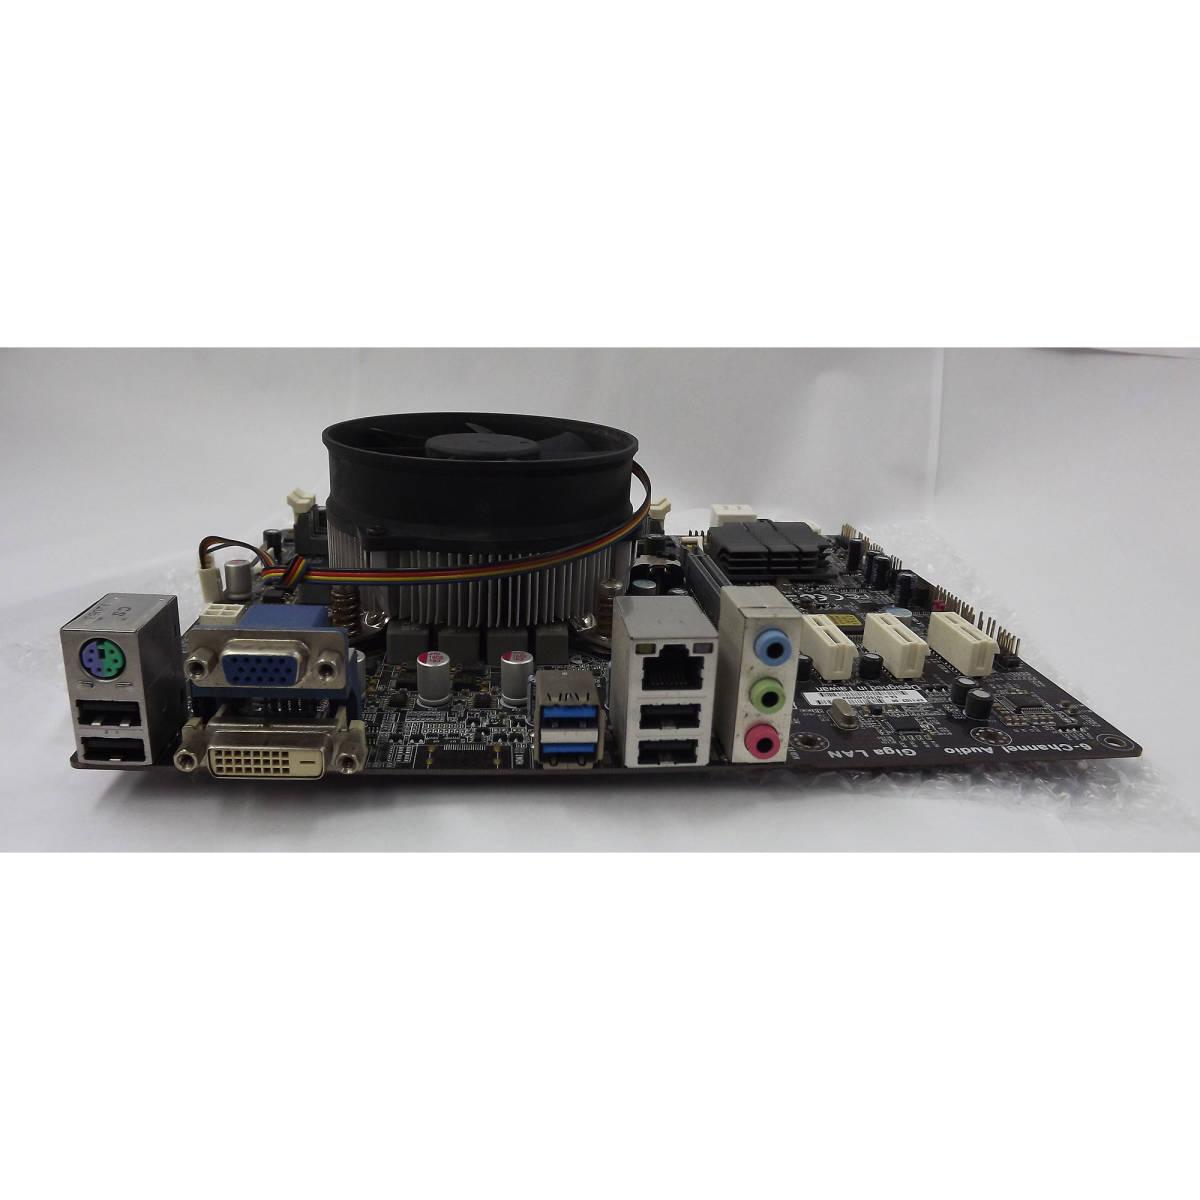 【 ECS / B75H2-M2 (V1.0) 】+【 Core i7-3770 】/ マザーボード・CPUセット・動確認済_画像4